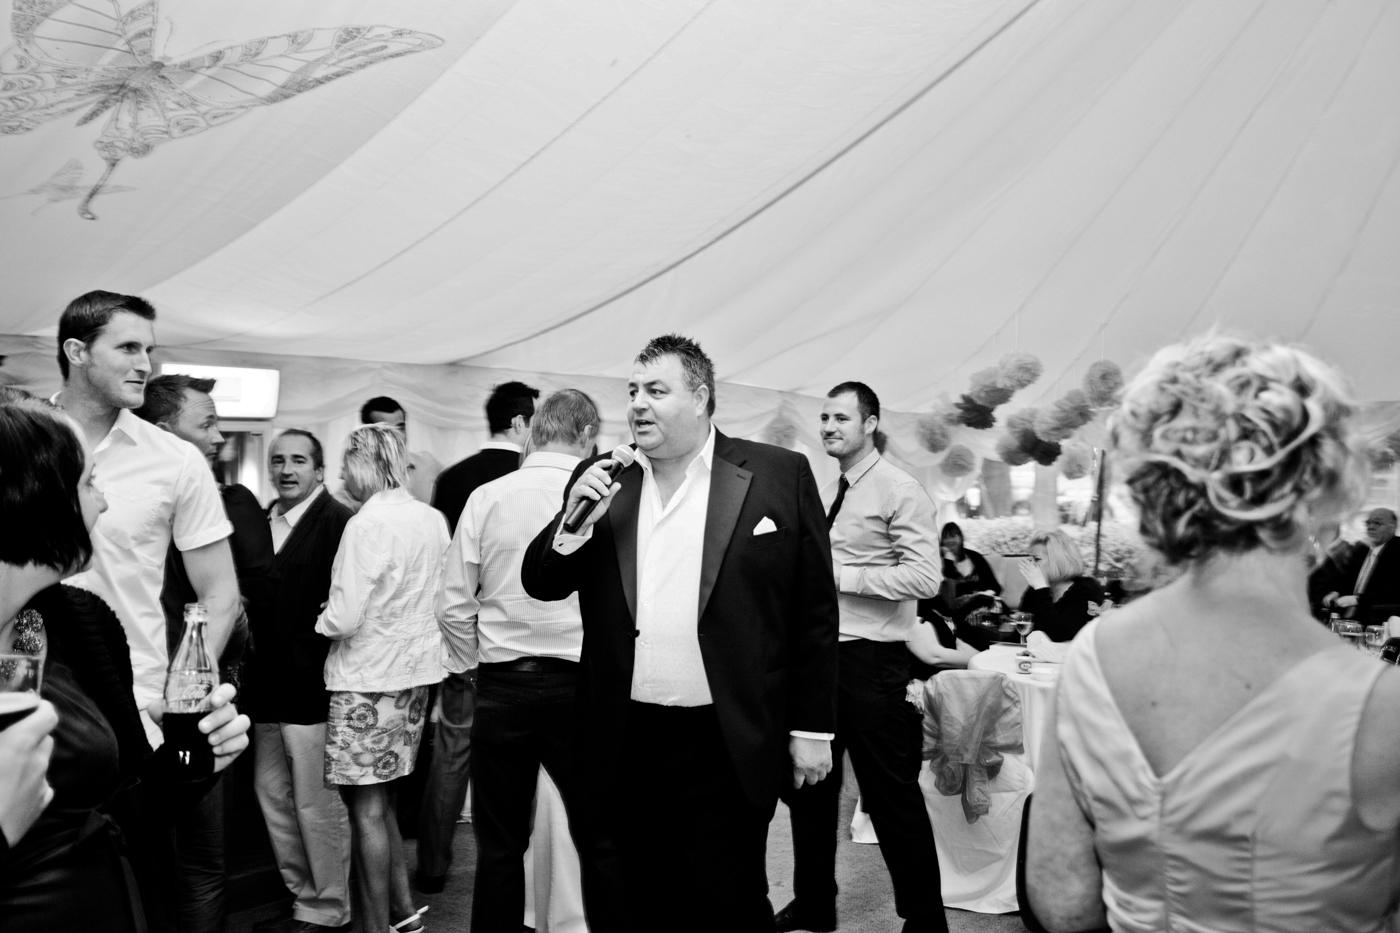 239 Keedy and Carl at The Secret Garden in Retford  - Wedding Photography by Mark Pugh www.markpugh.com_.jpg